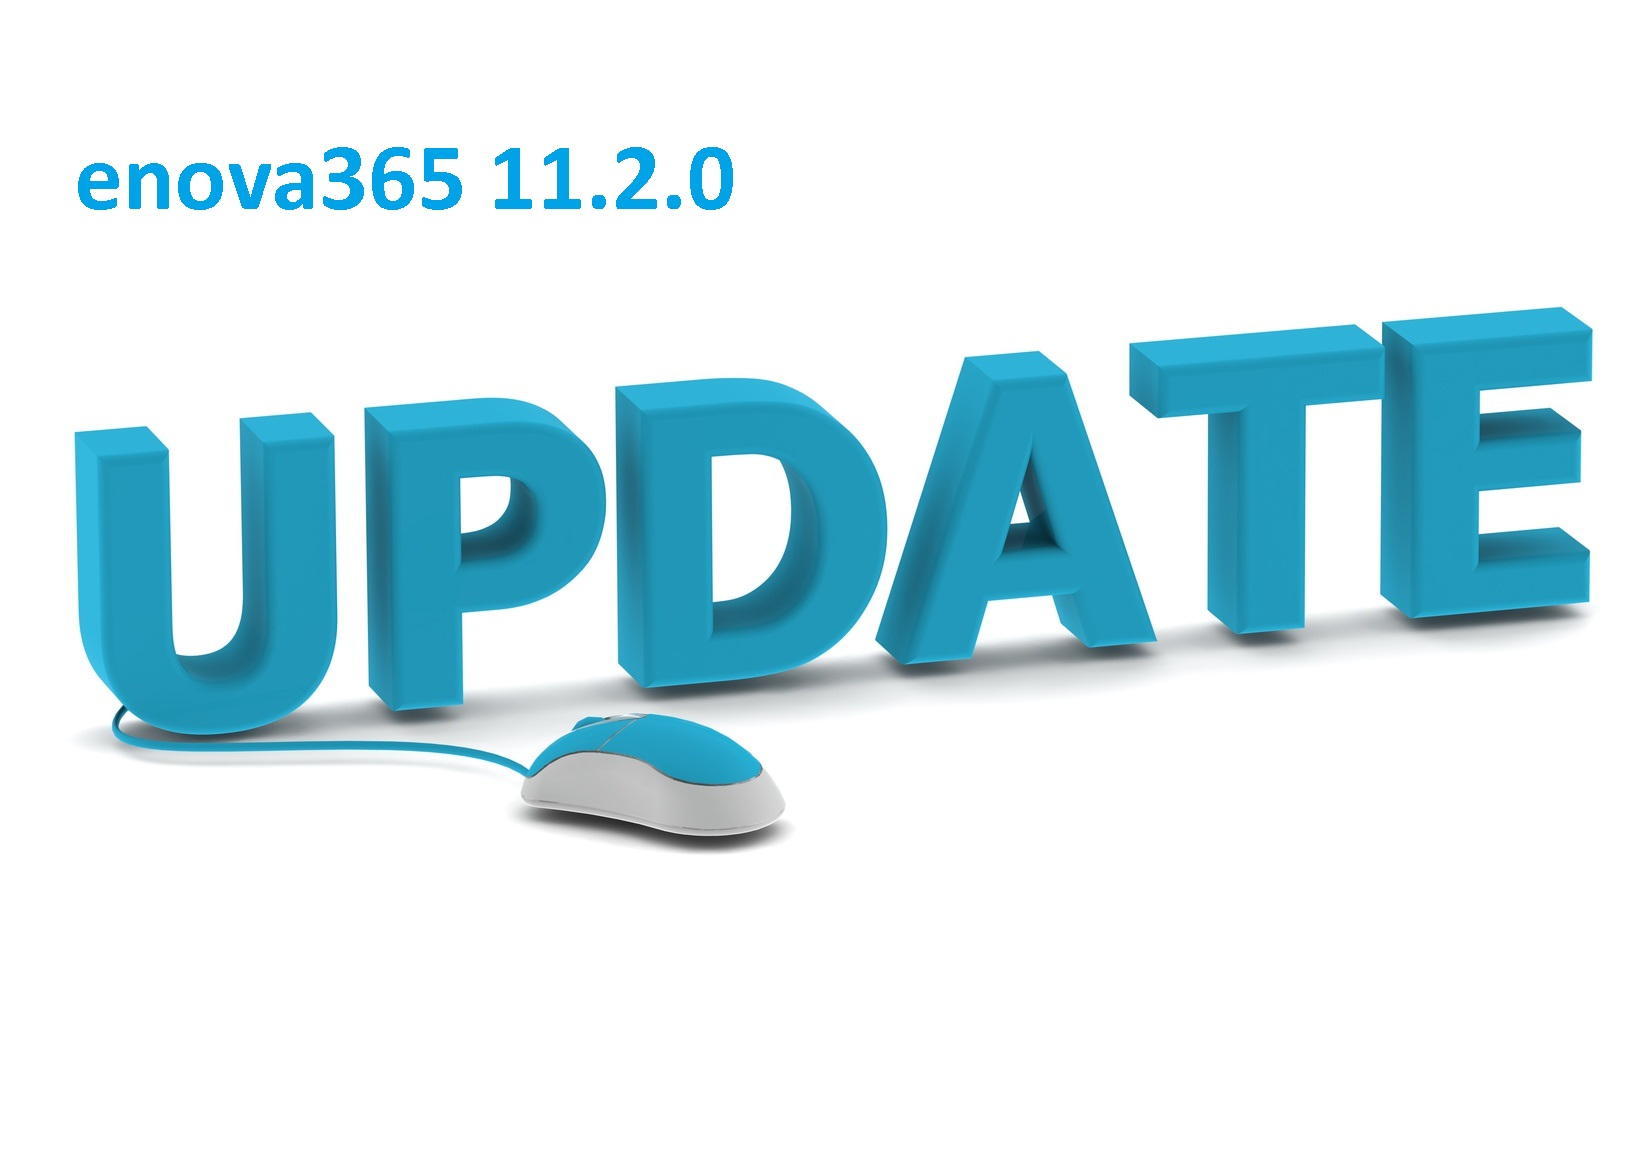 enova365 11.2.5871 - nowa wersja